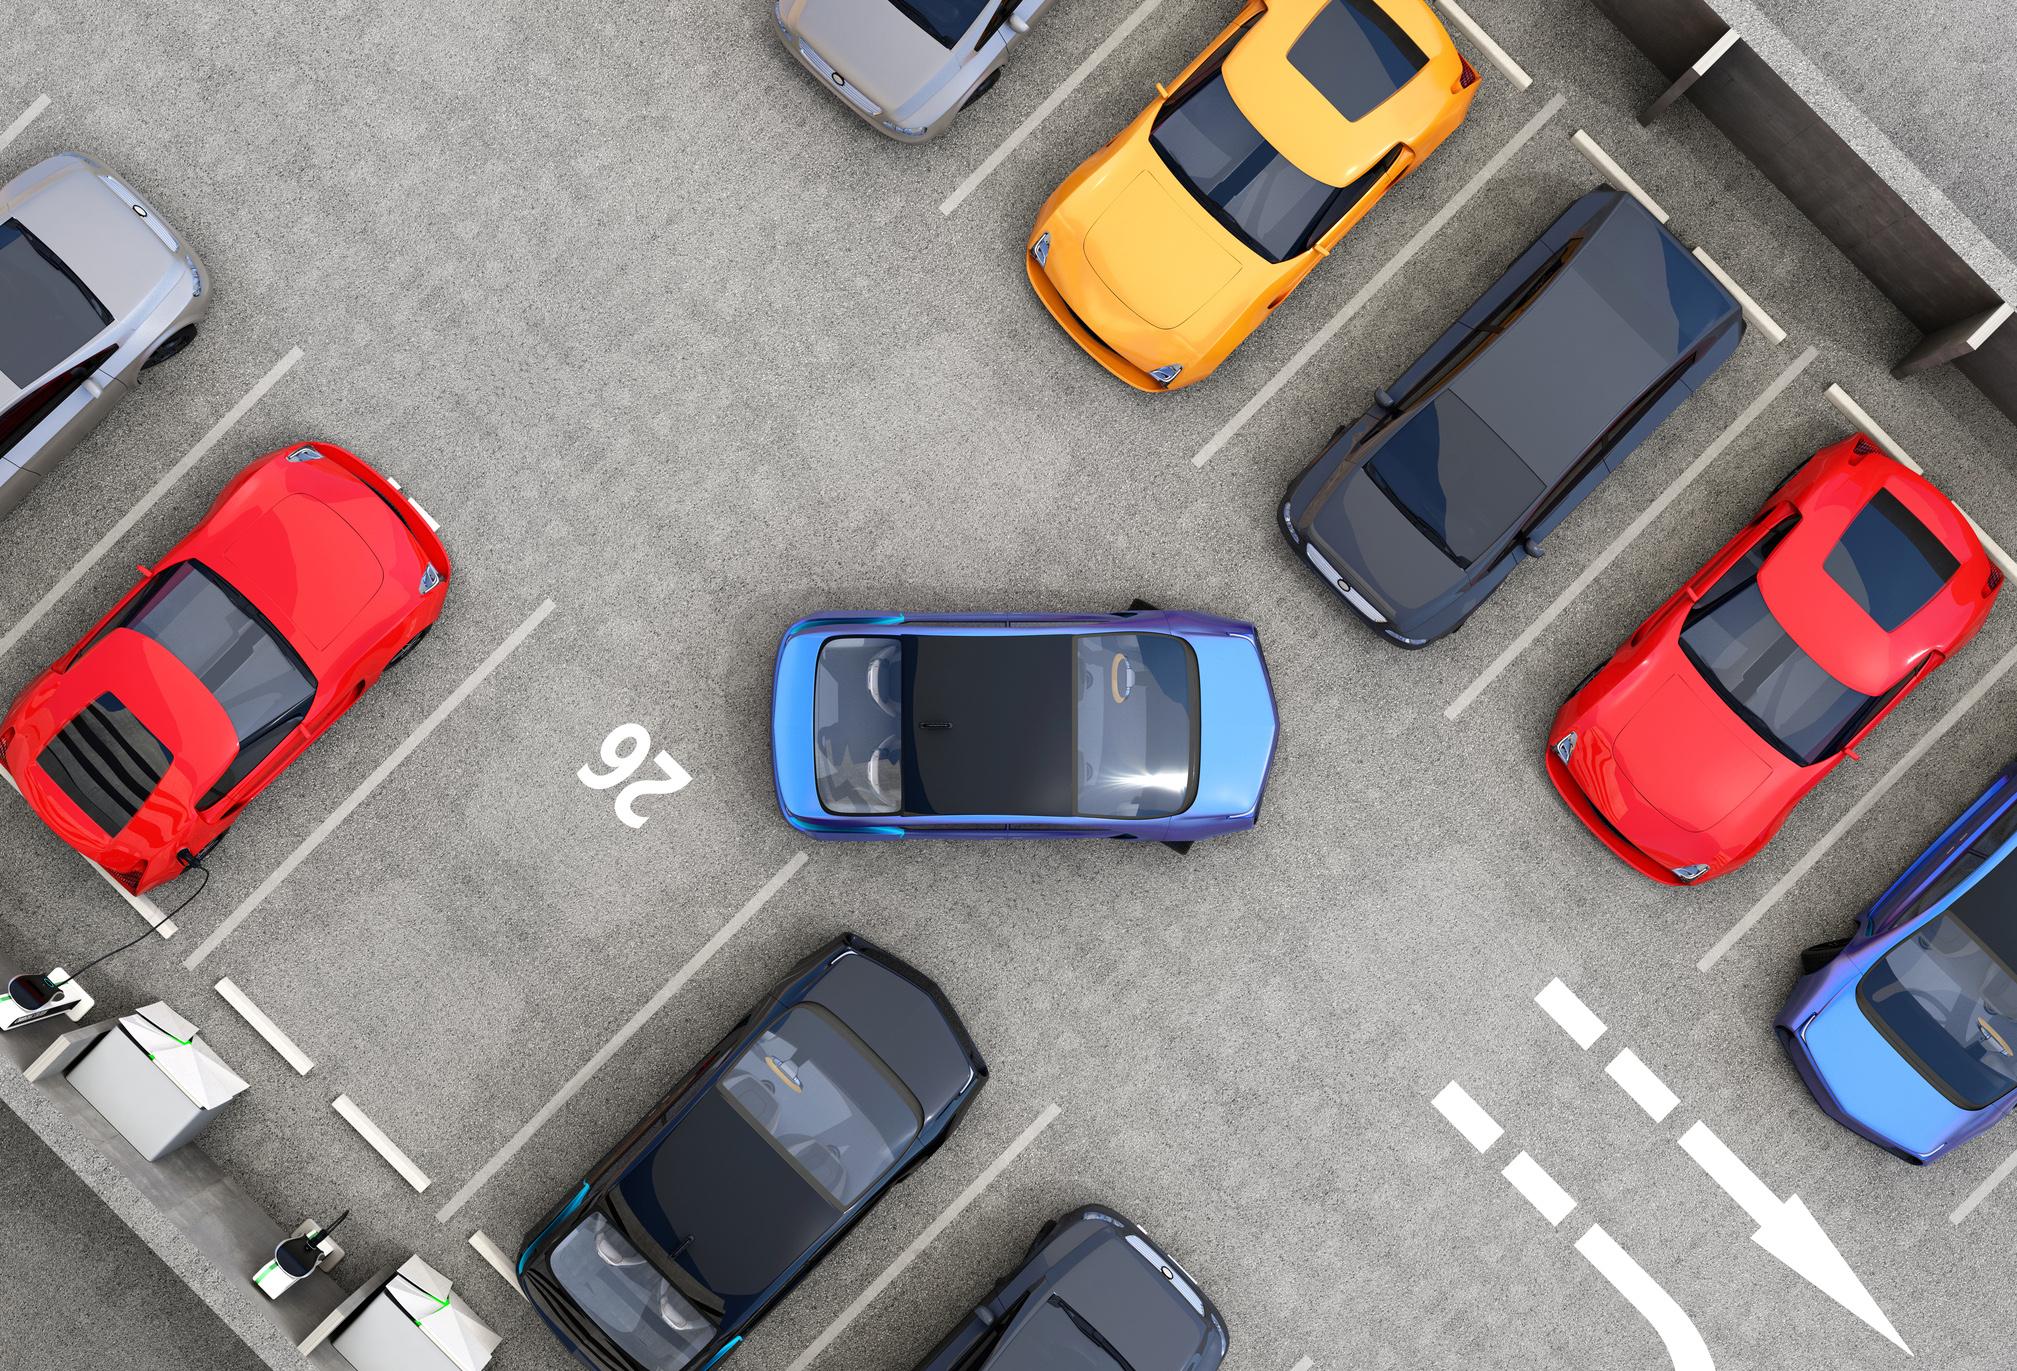 Kết quả hình ảnh cho parking